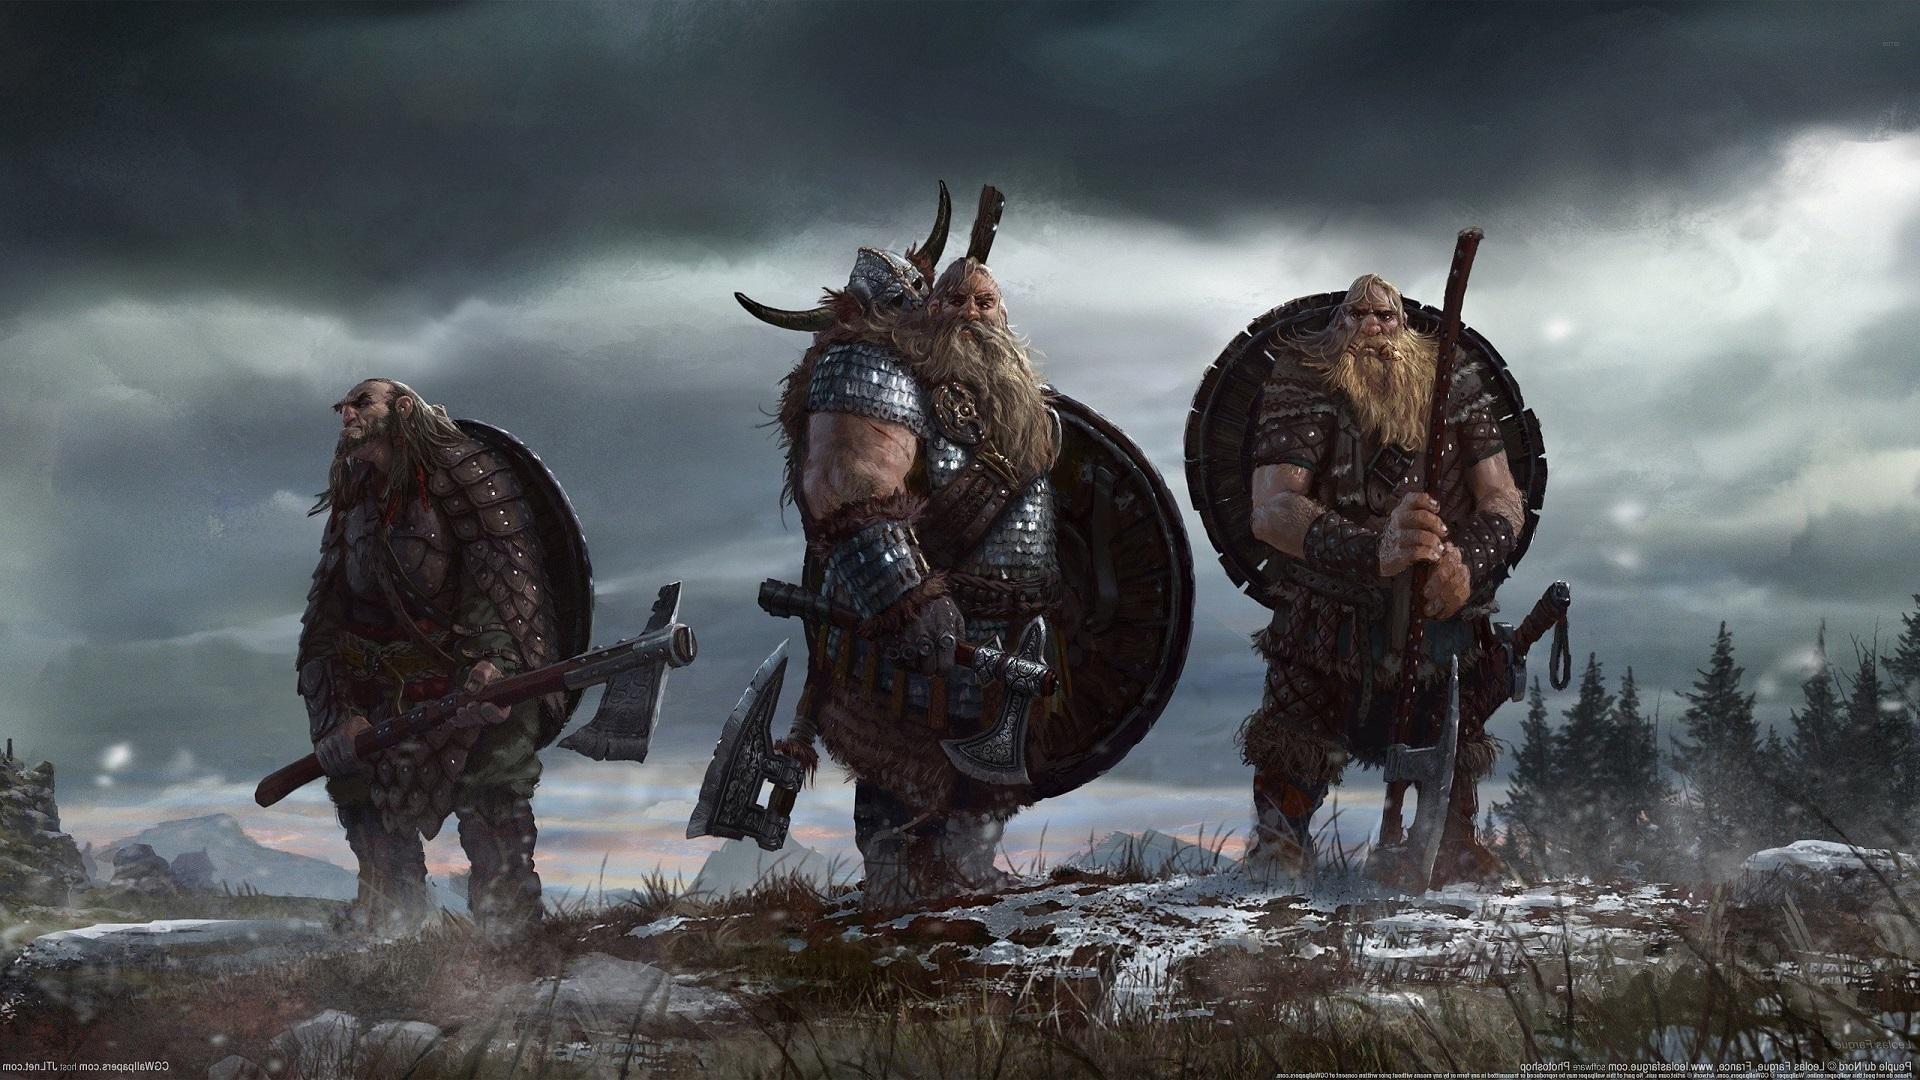 Res: 1920x1080, Vikings Wallpaper 13